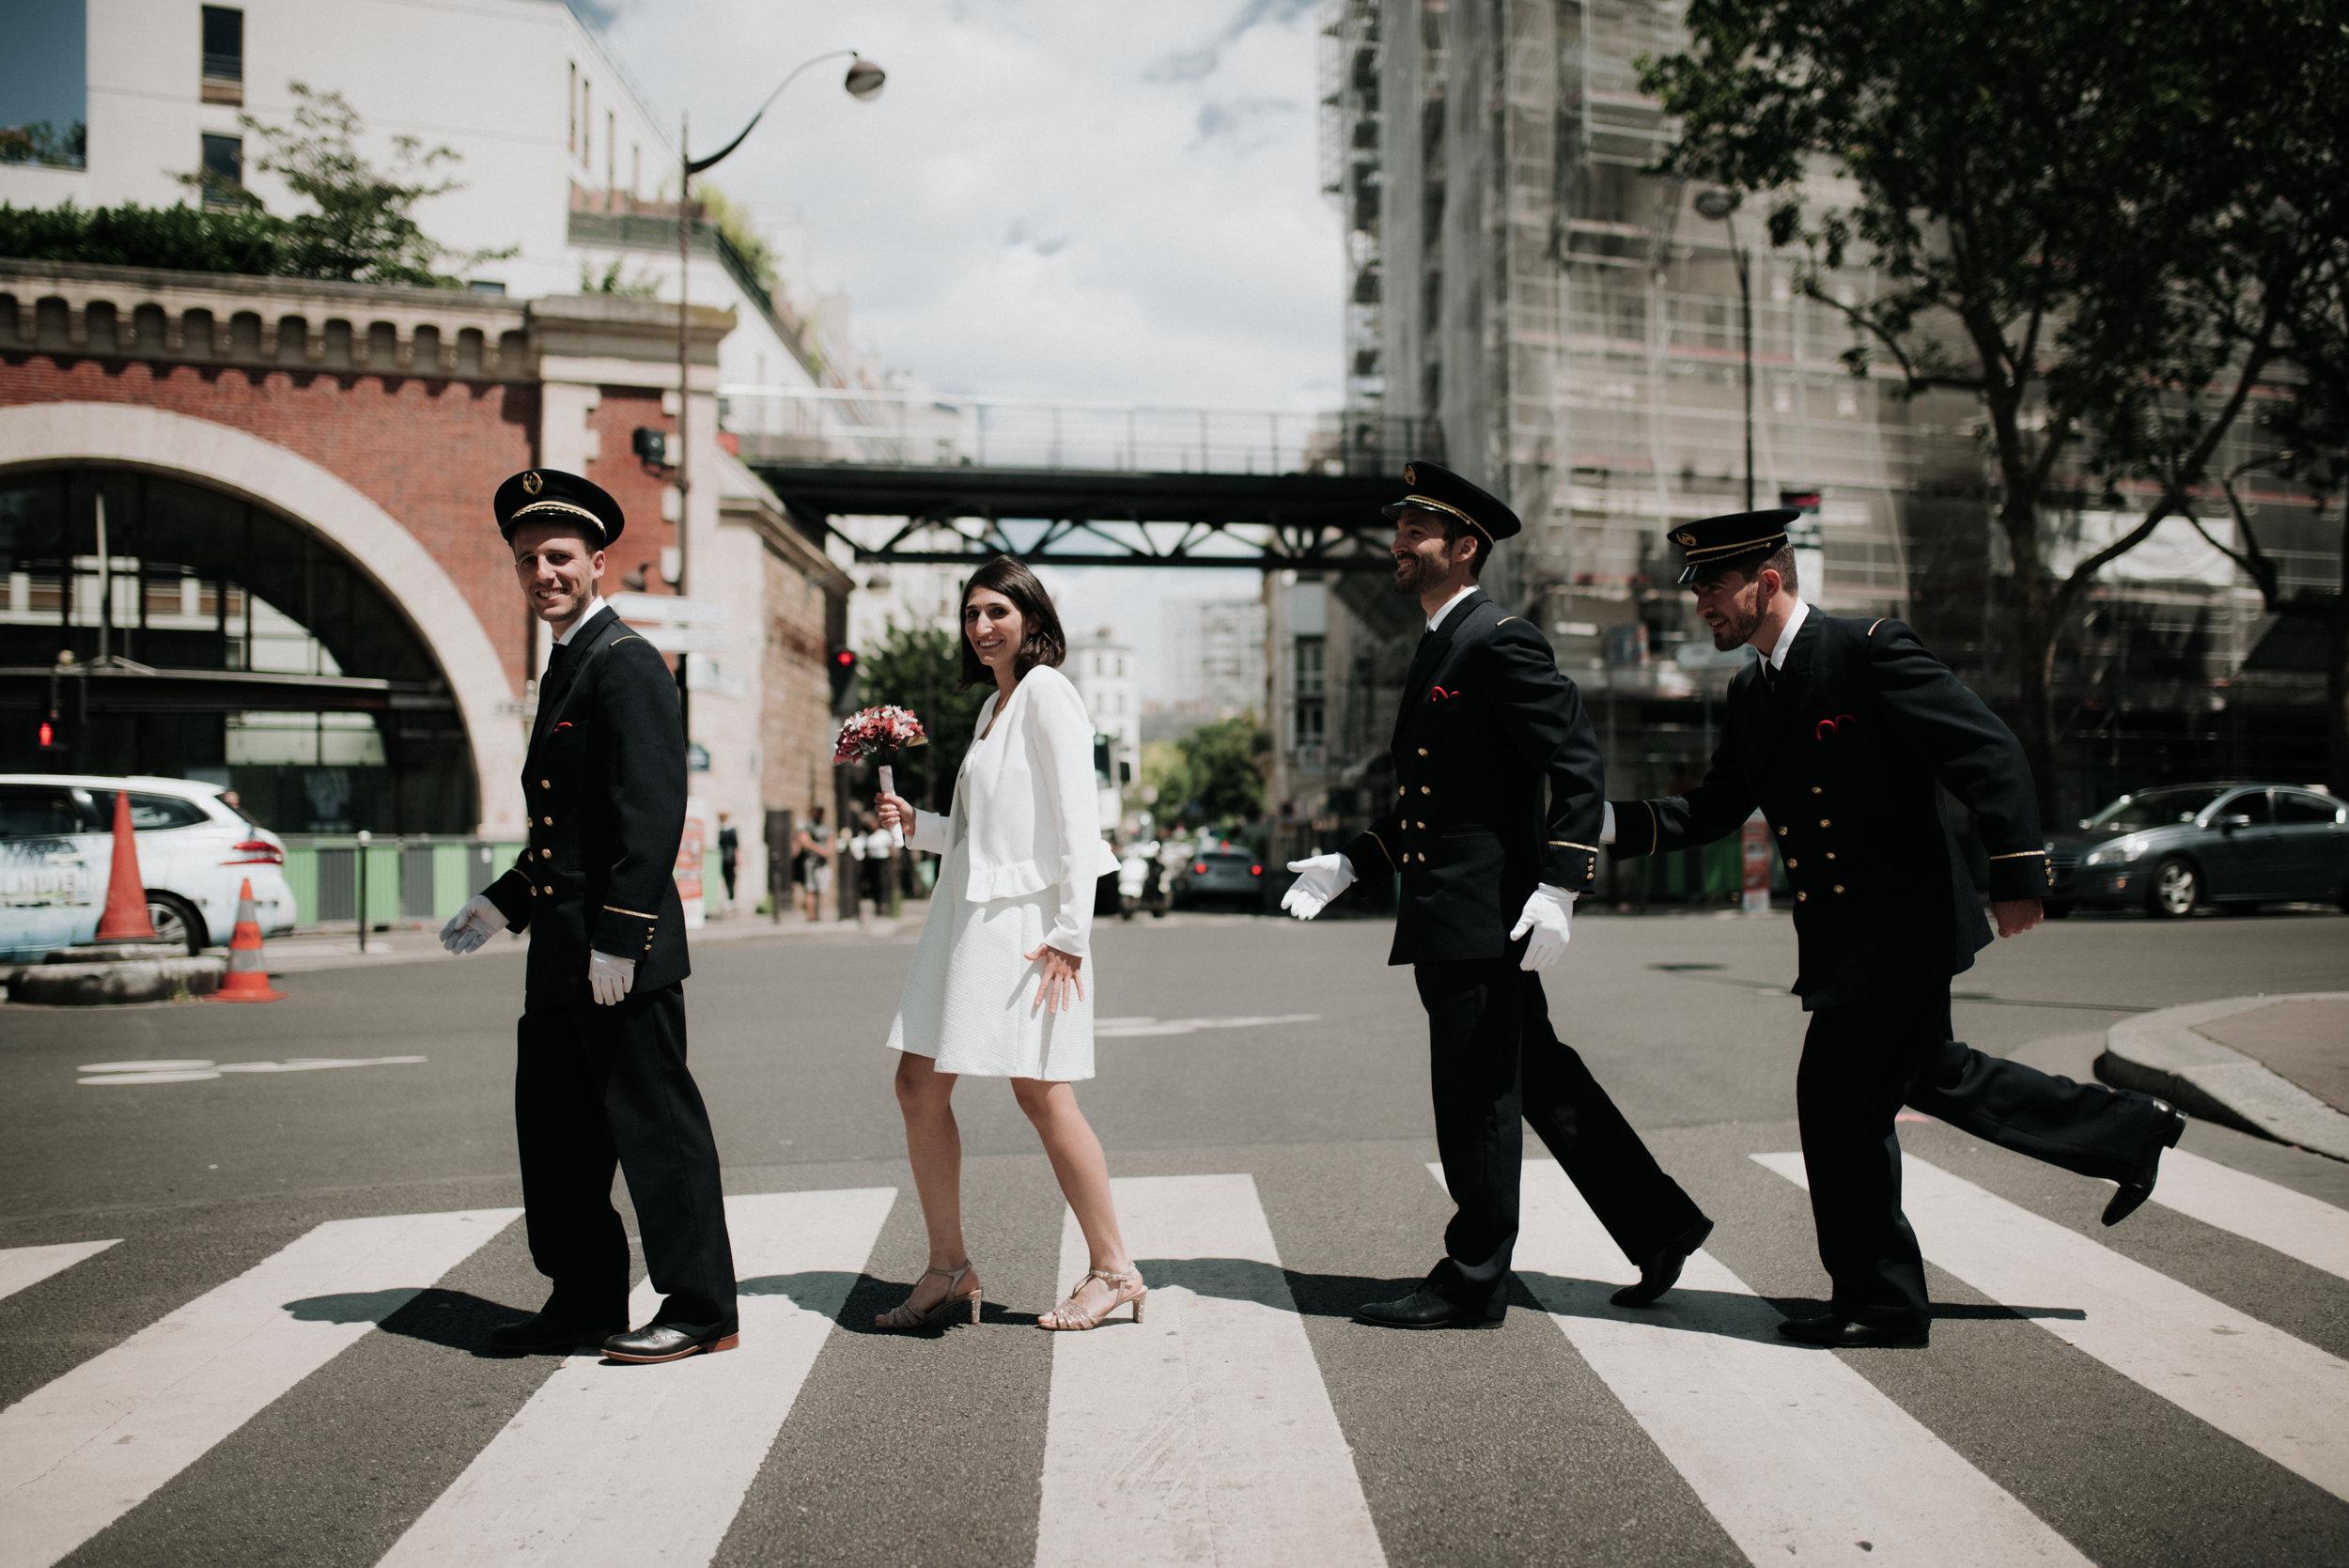 Léa-Fery-photographe-professionnel-lyon-rhone-alpes-portrait-creation-mariage-evenement-evenementiel-famille-4860.jpg